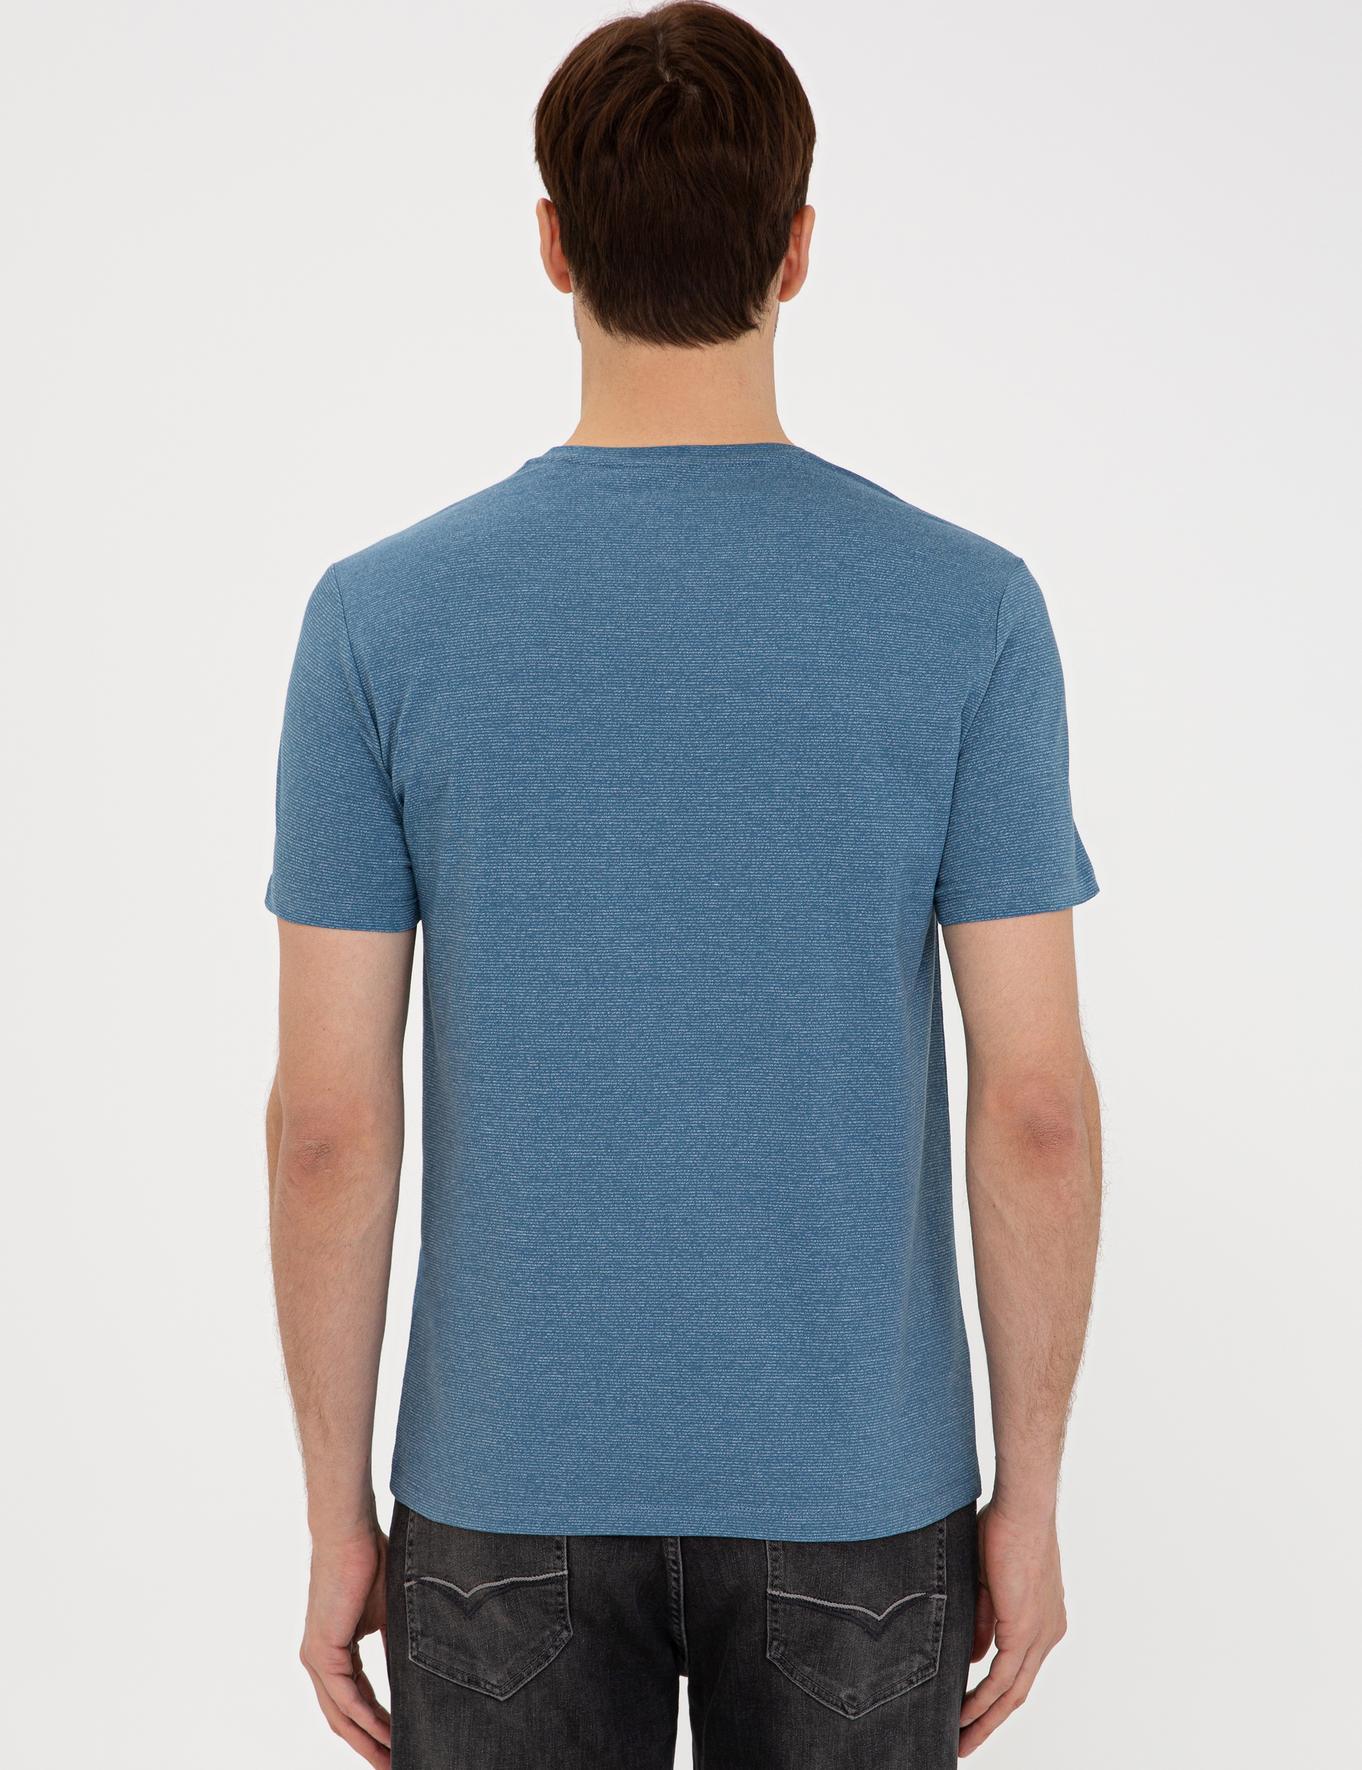 Bisiklet Yaka T-Shirt - 50240270027